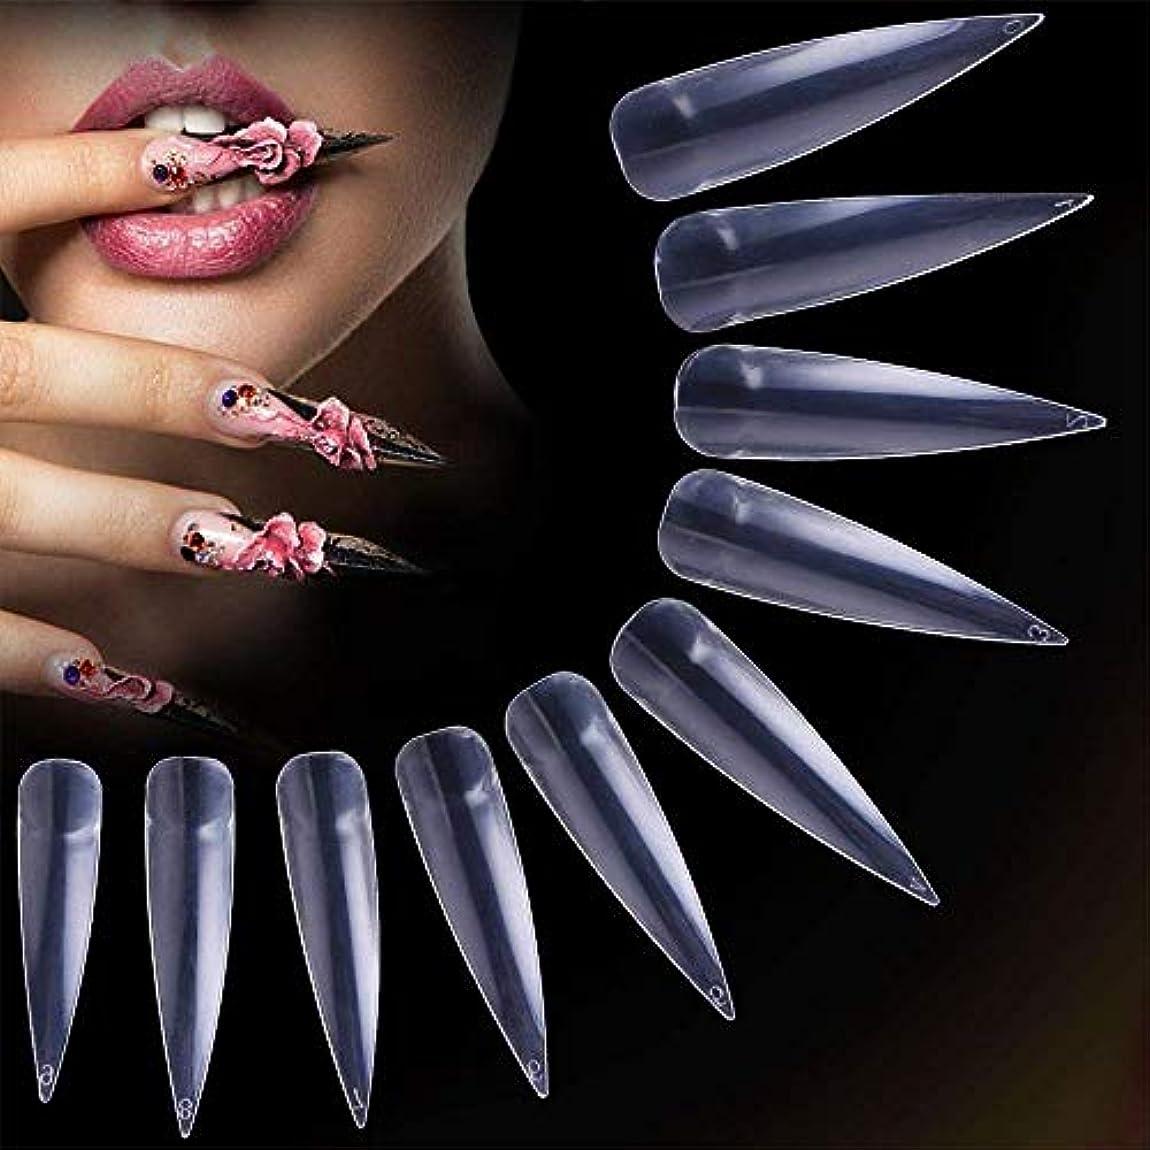 ギネススリムアラブつけ爪 ネイルチップ ロング 薄い デザインクリア 付け爪練習用 ネイルアートキット 偽爪 500枚